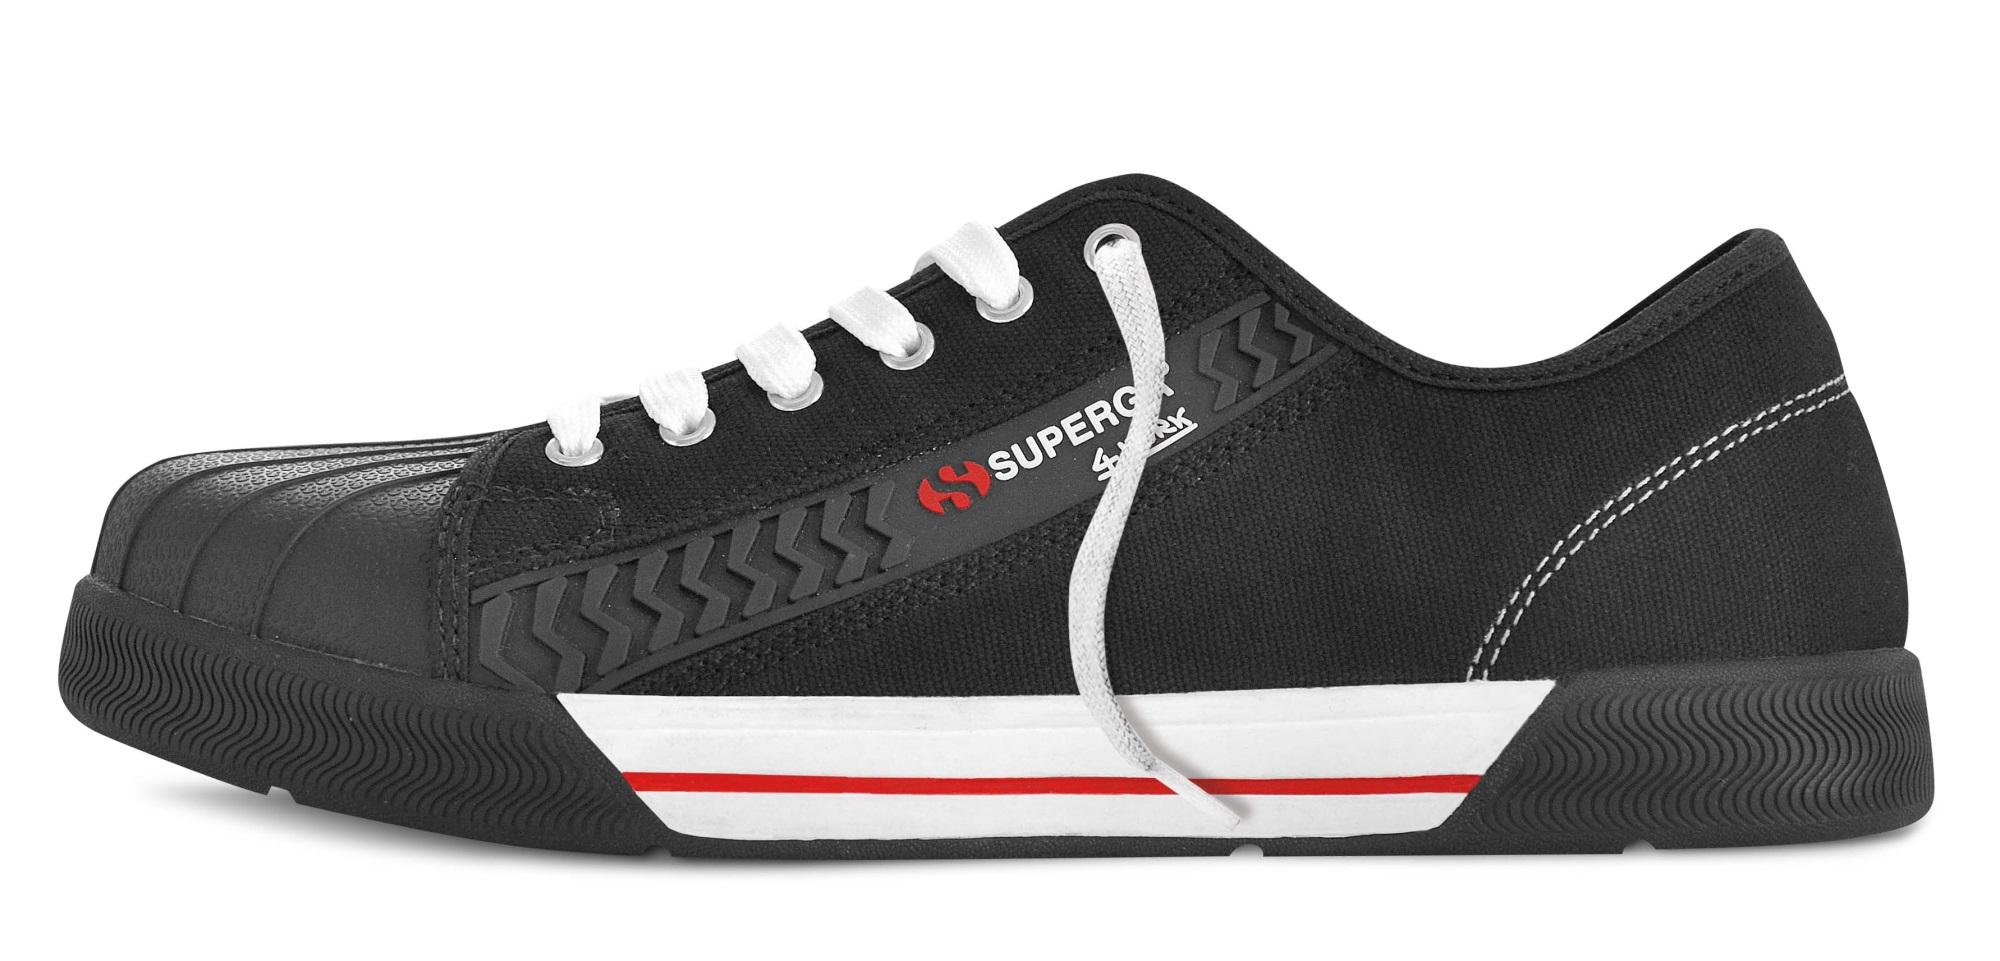 Sicherheitsschuhe S1 Sneaker  Prtgermixtwo